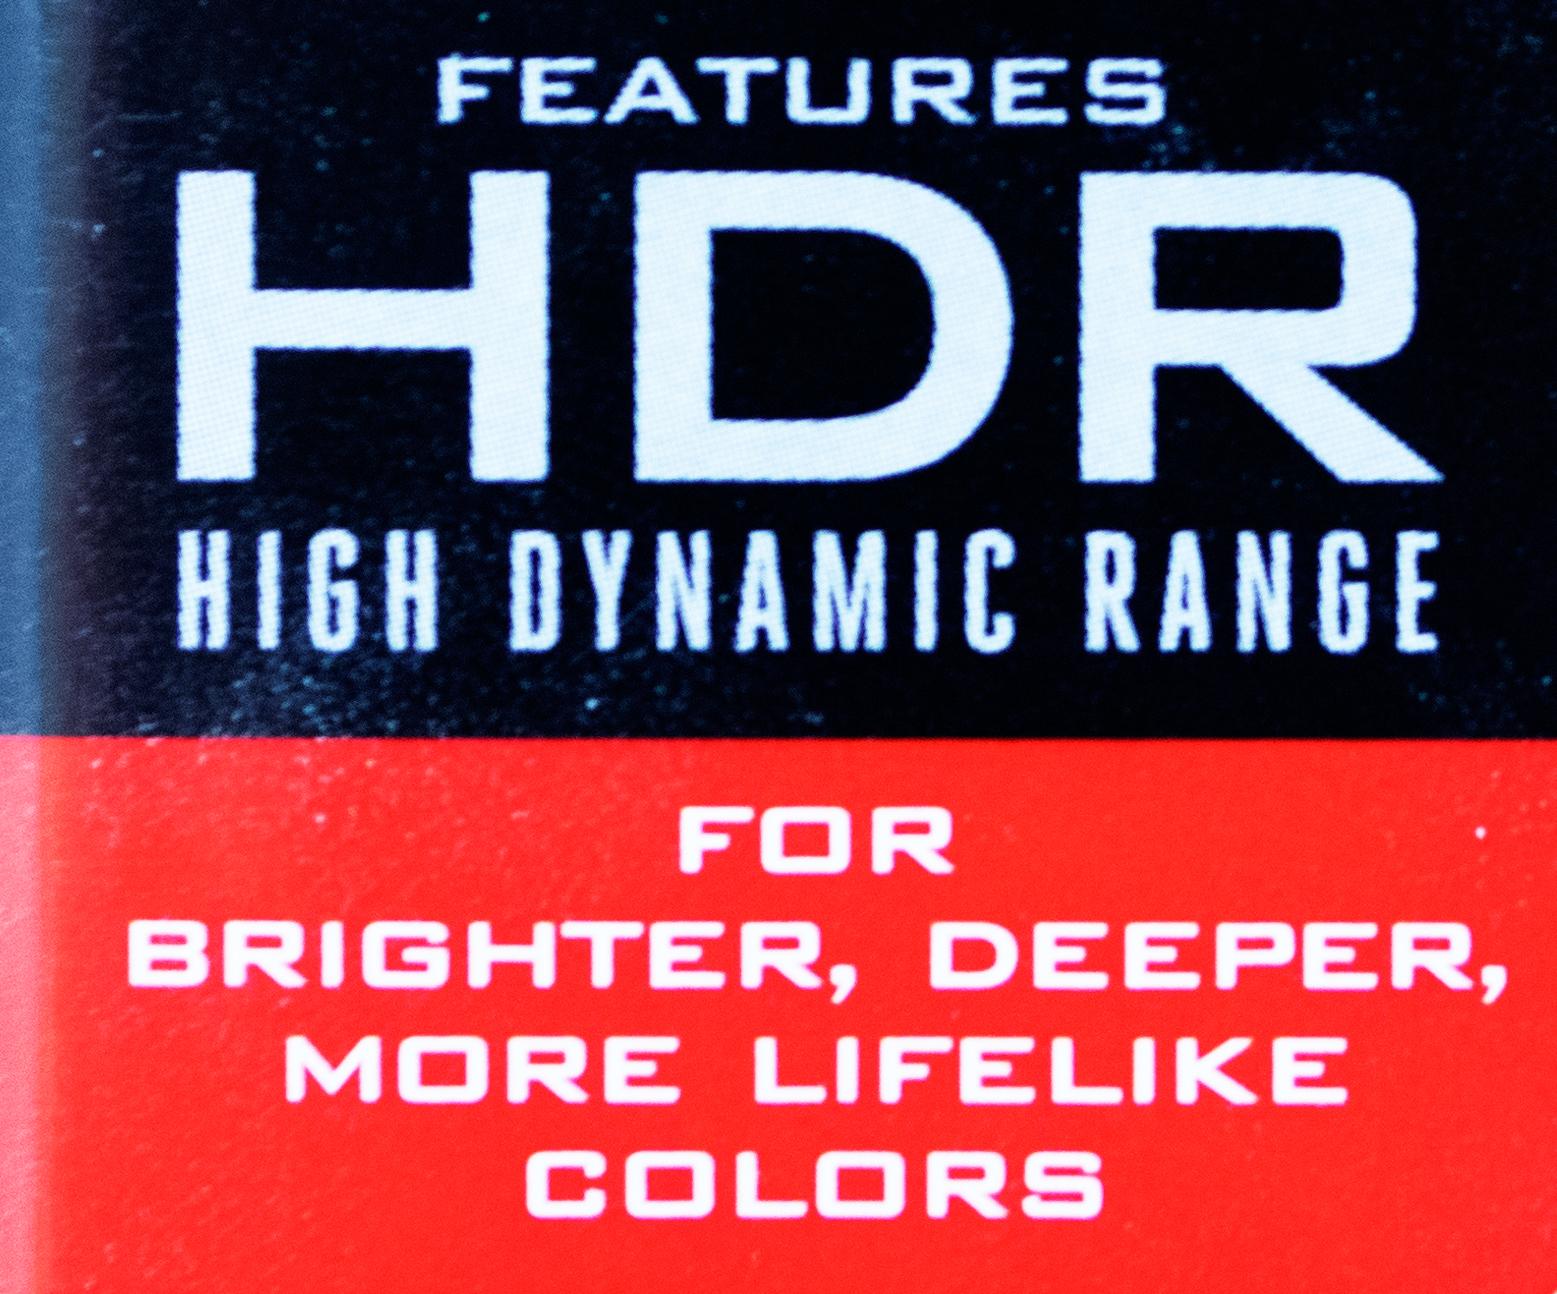 Cinema Varcam_4k HDR Logo | Central Cameras